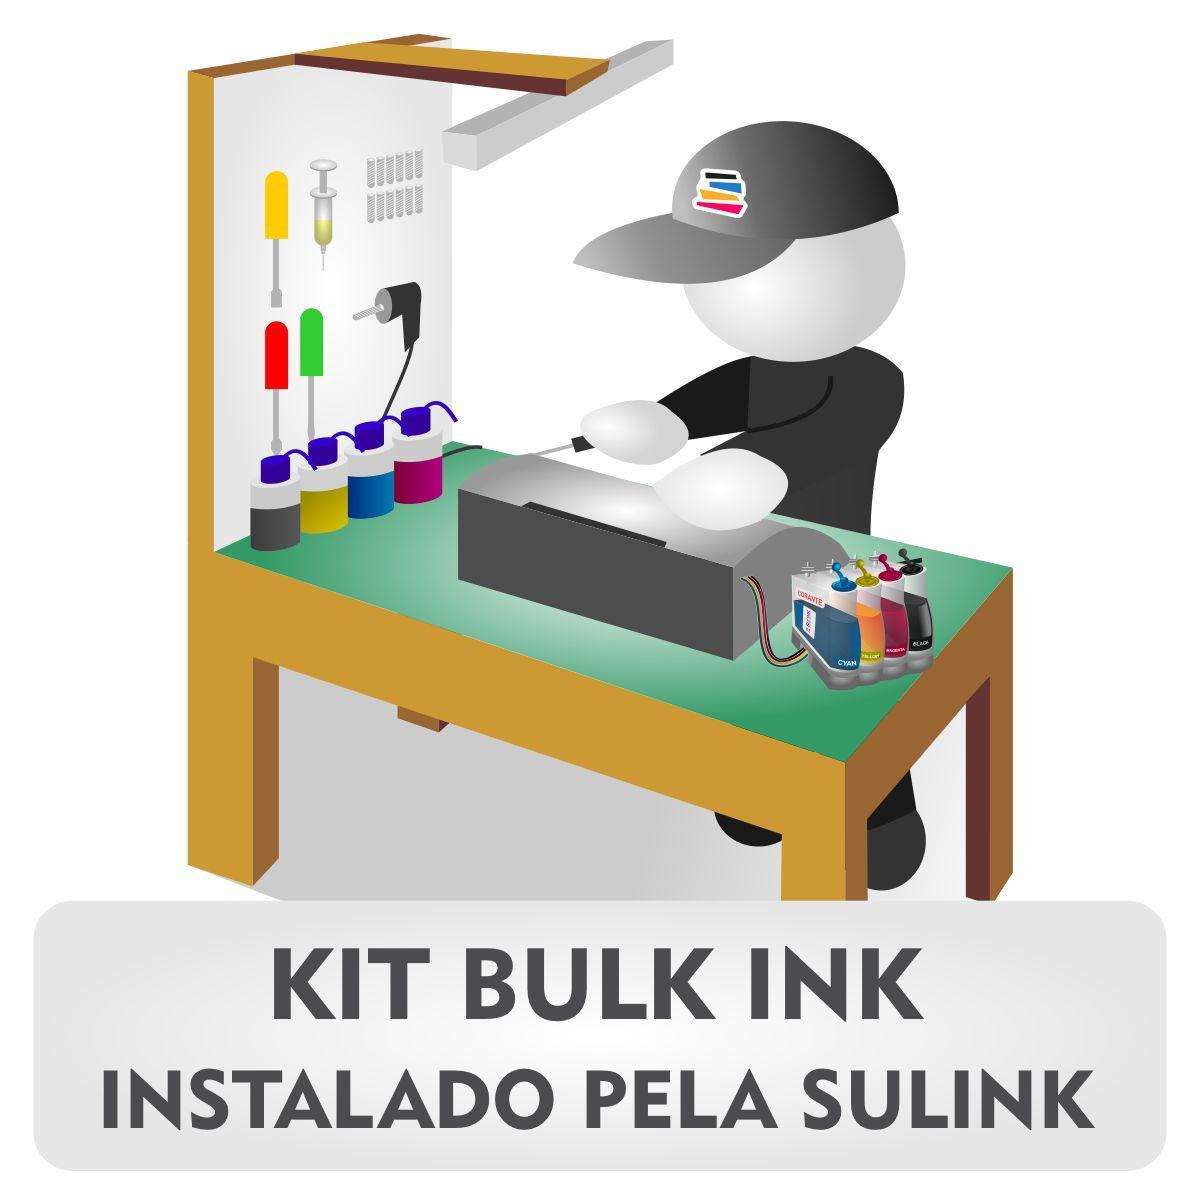 """INSTALADO - BULK INK PARA HP DESIGNJET T120, T130 24"""" - 1000ML 4 CORES CORANTE (SEM CARTUCHO - UTILIZAR ORIGINAL DO CLIENTE)"""